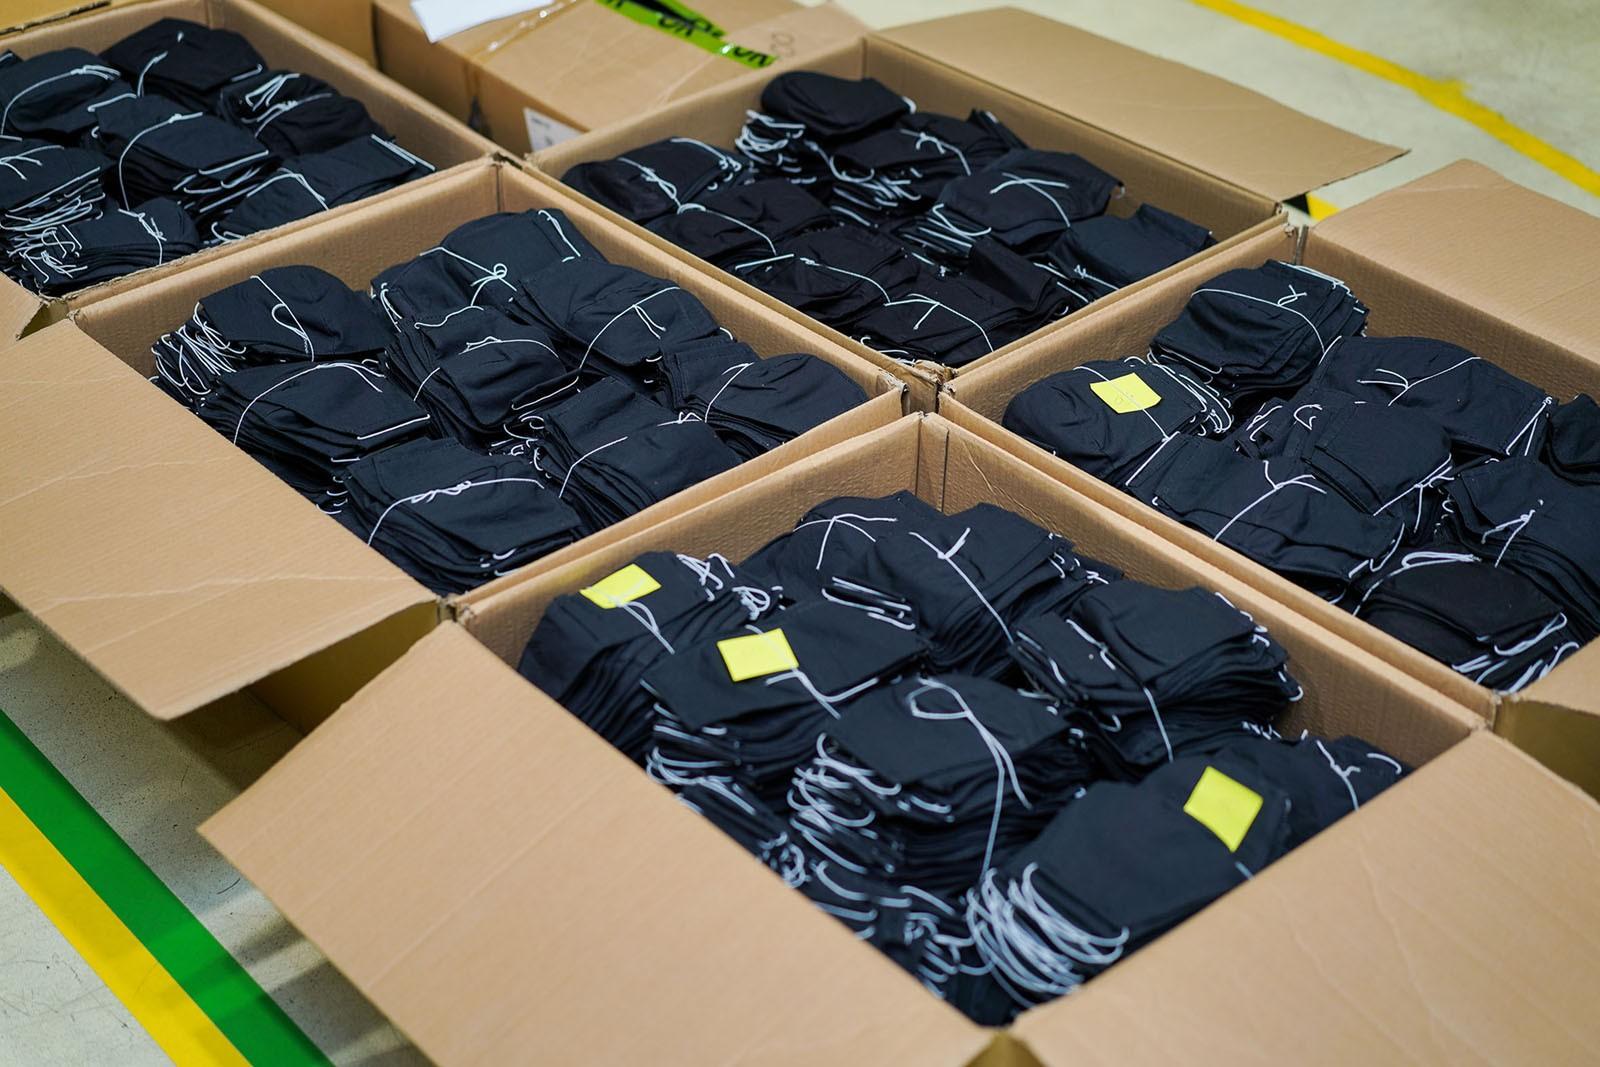 Борьба с пандемией продолжается: завод Toyota в Санкт-Петербурге выпустил тысячи масок и щитков